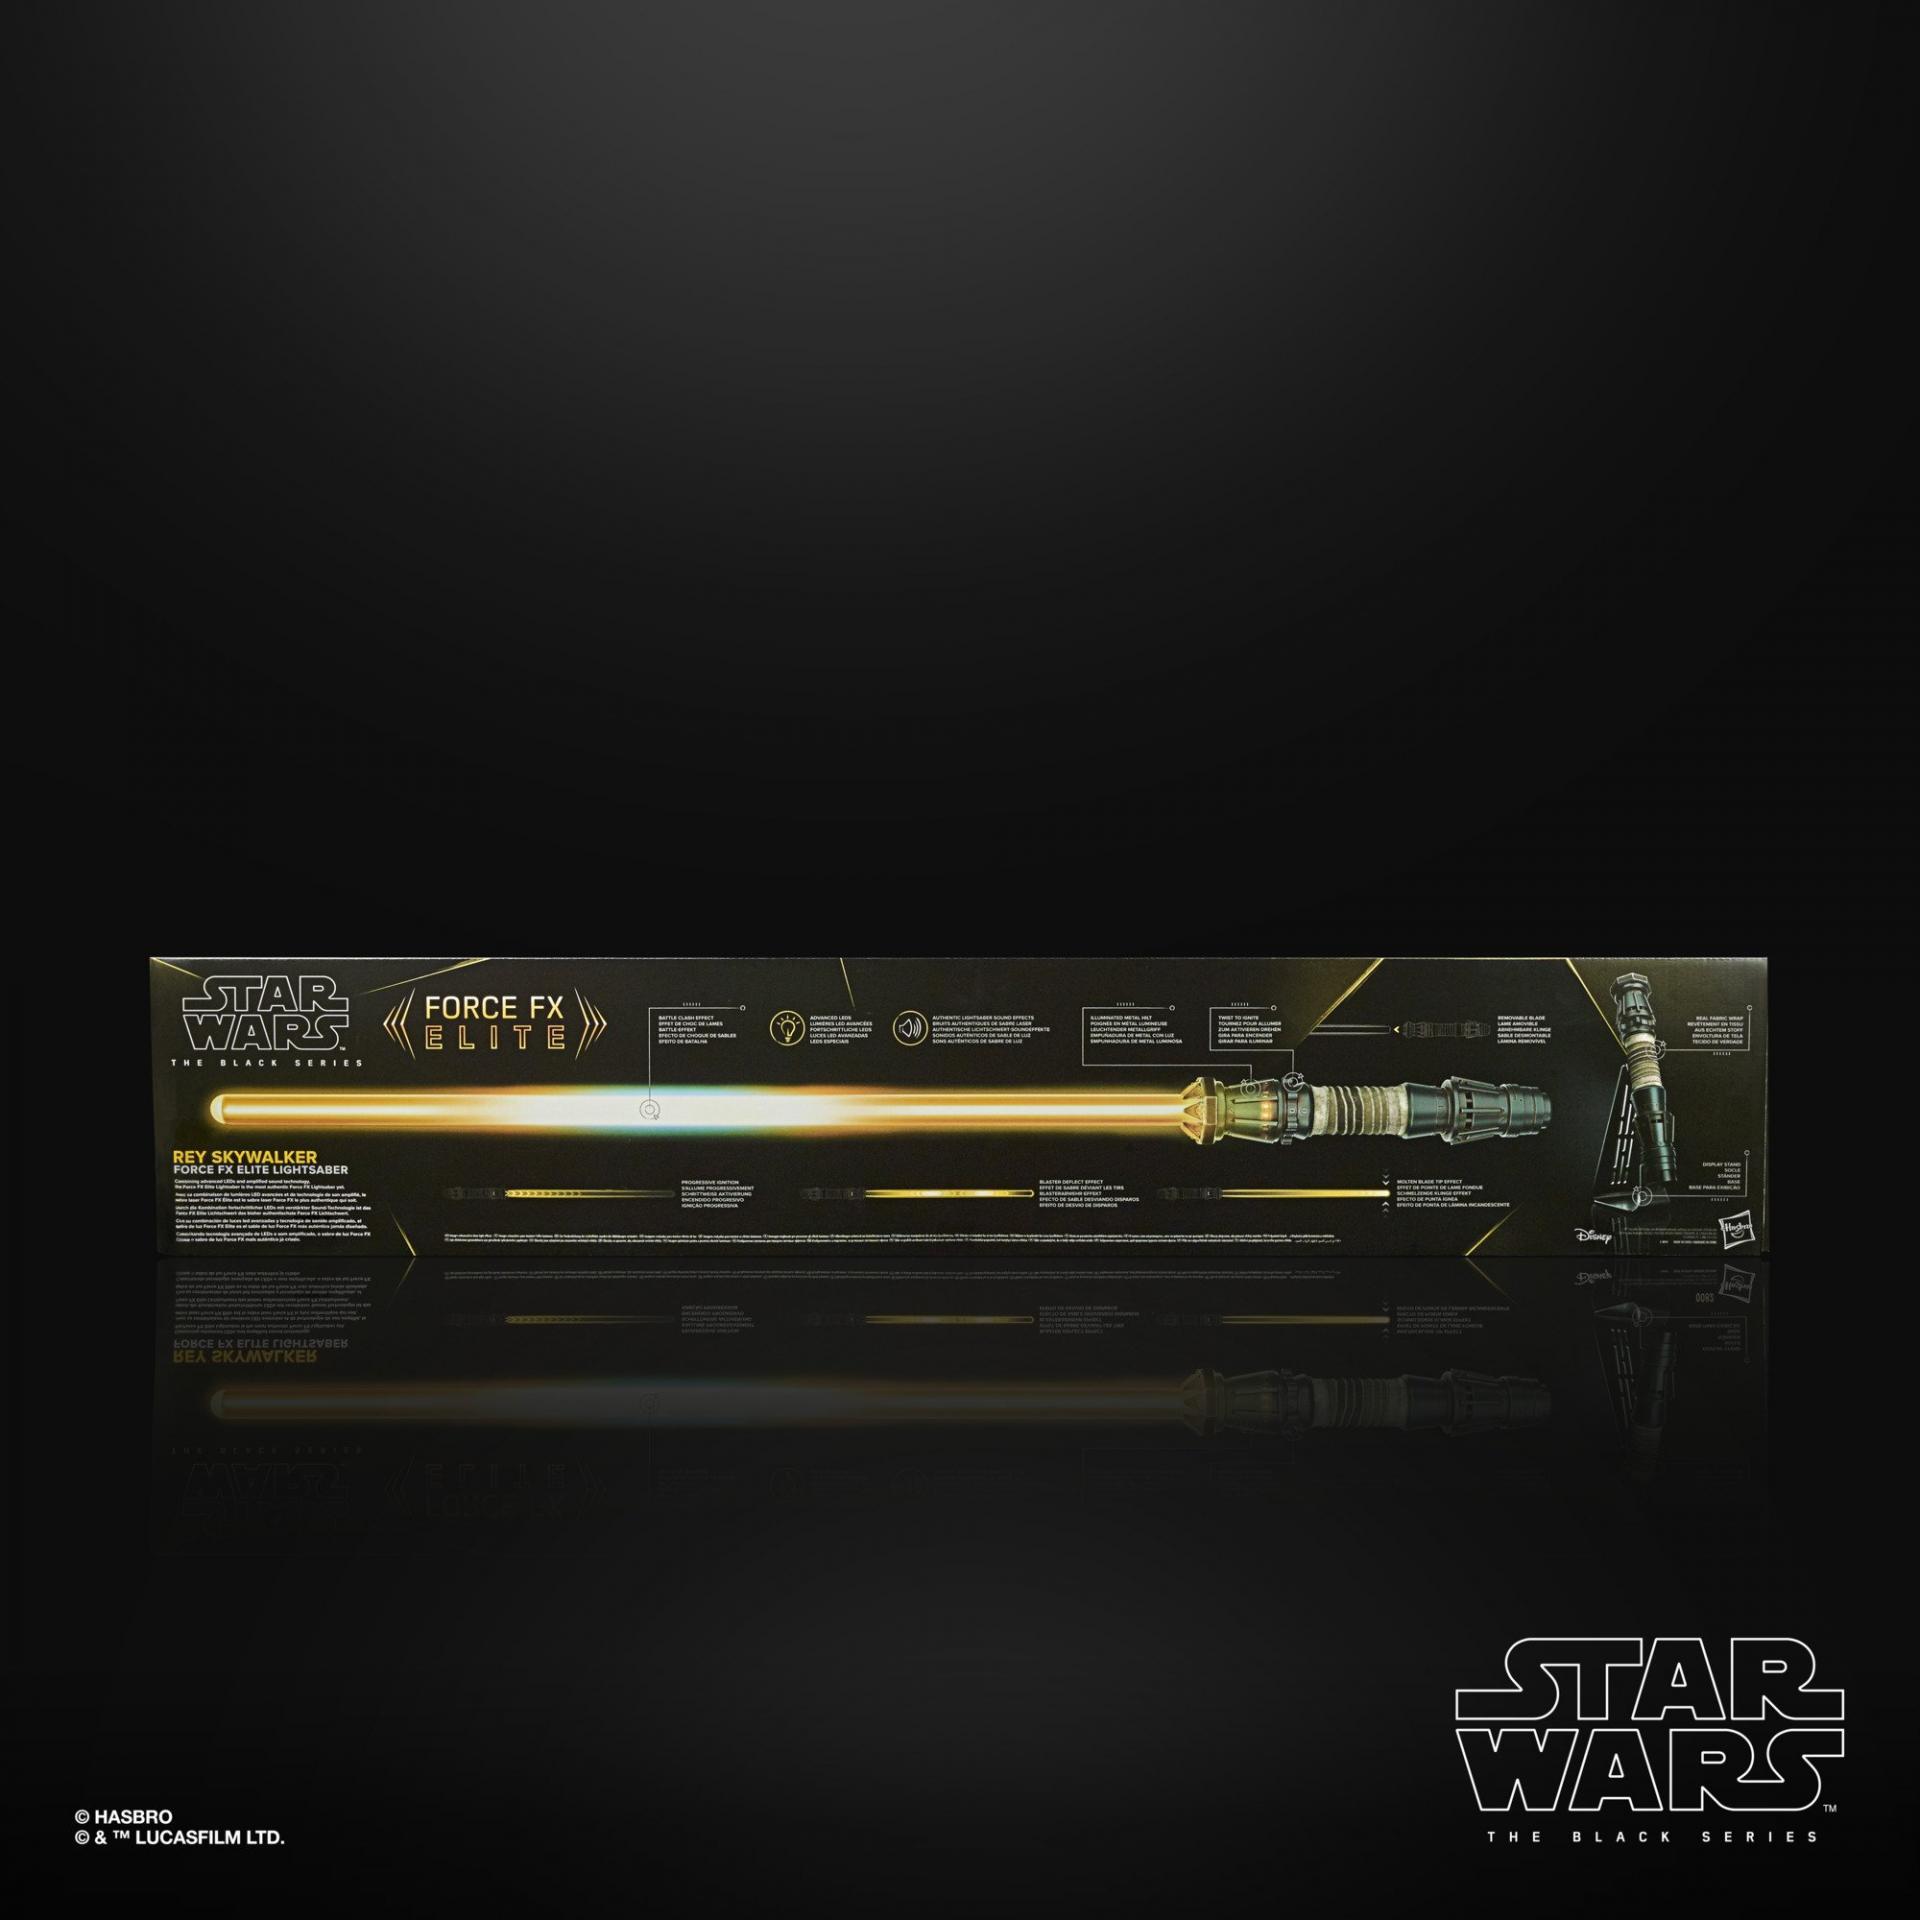 Star wars the black series rey skywalker force fx elite lightsaber3